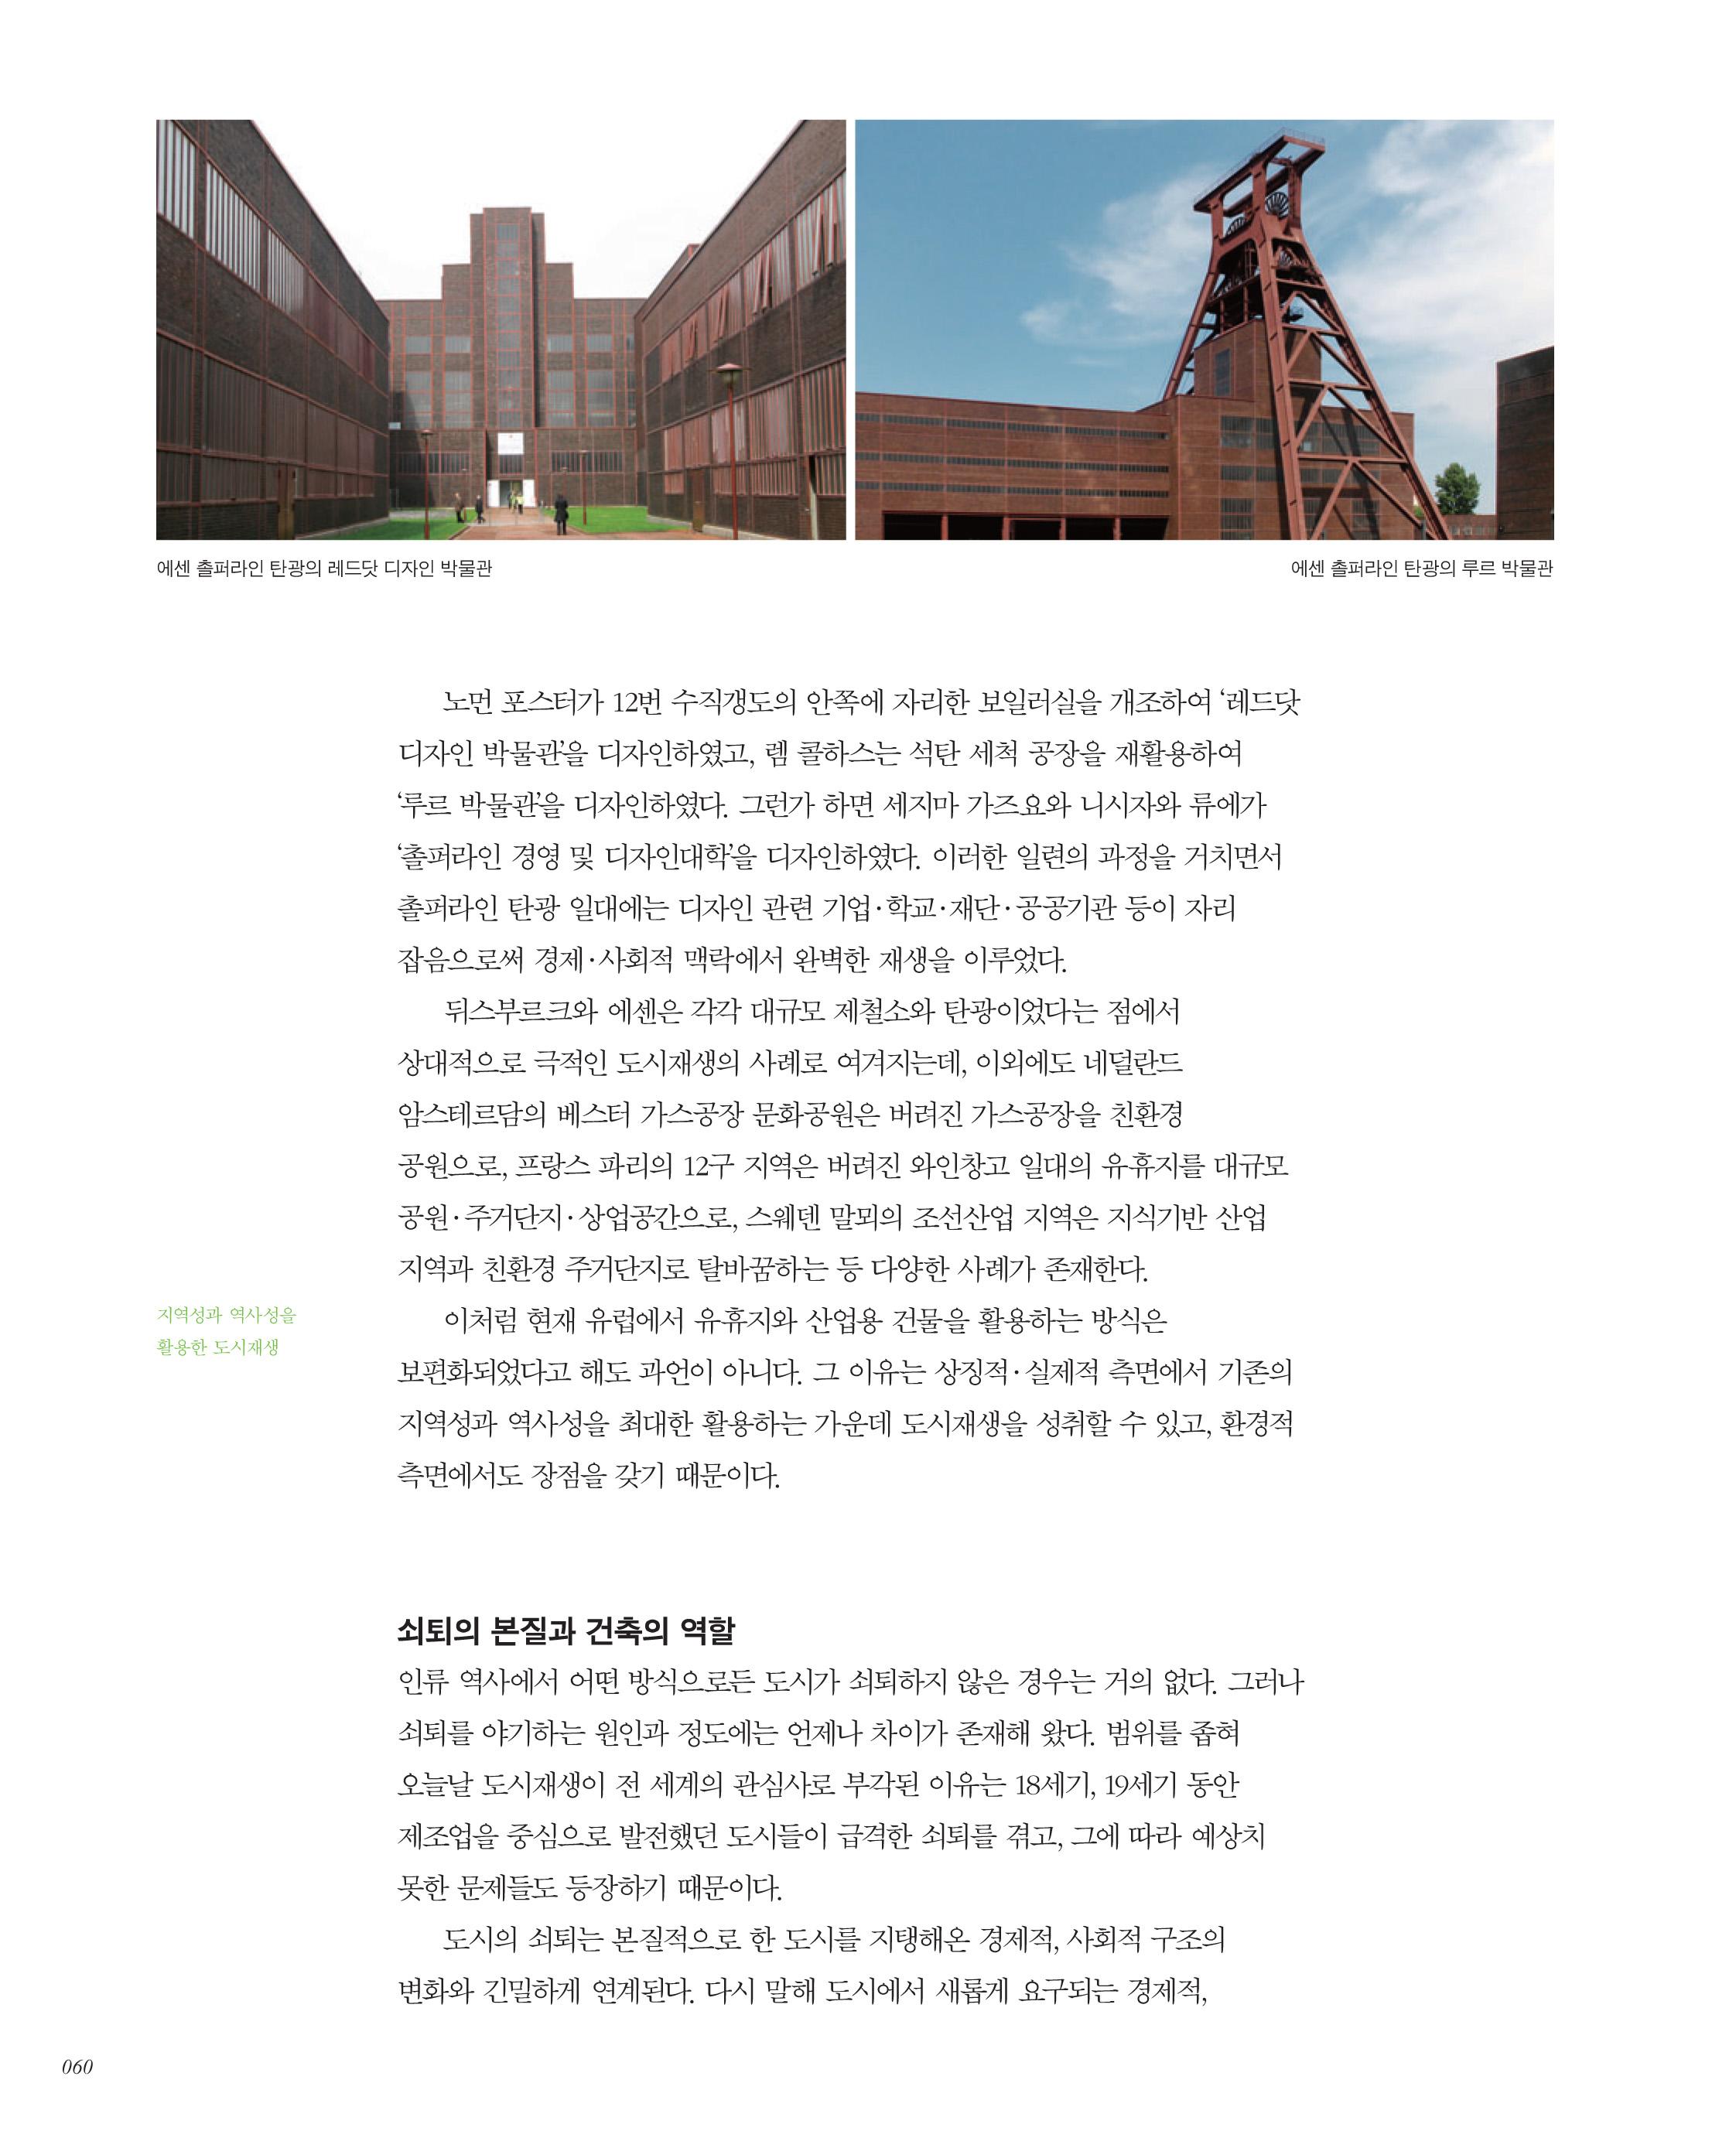 유럽의 건축문화기반 도시재생_김정후 박사-12.jpg